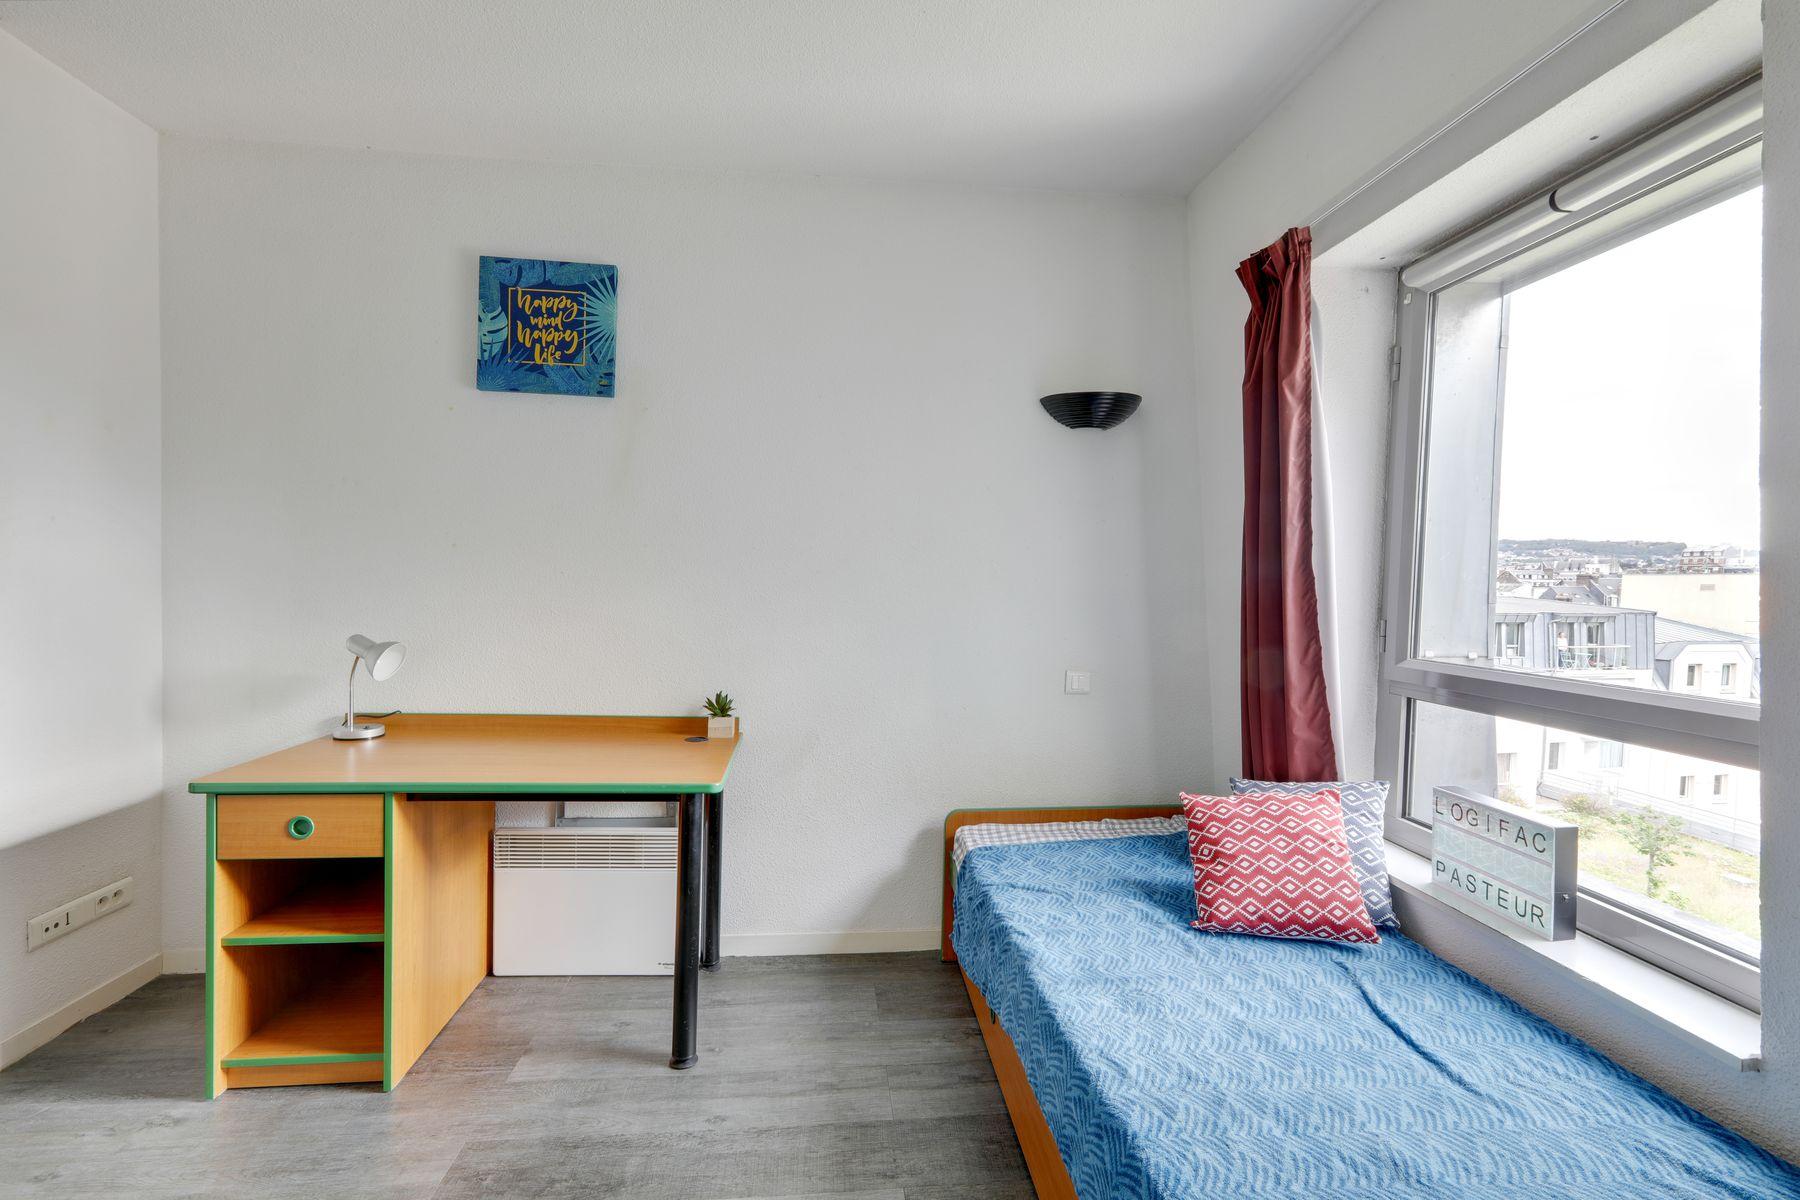 LOGIFAC résidence étudiante Pasteur Rouen lit bureau